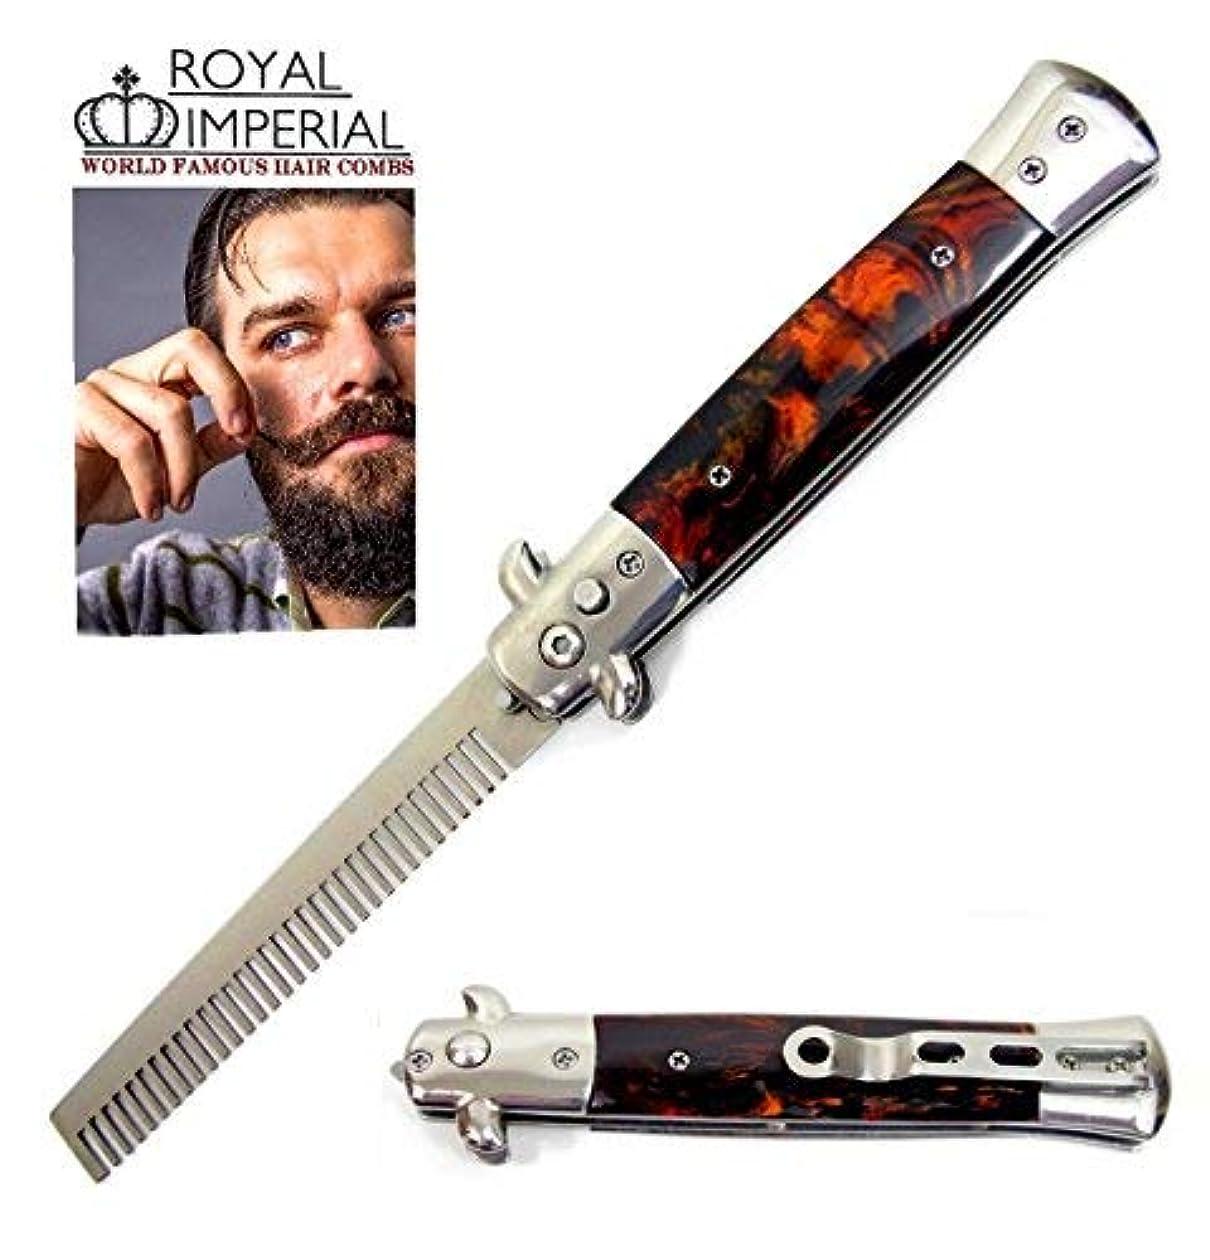 データベースシェーバー人柄Royal Imperial Metal Switchblade Pocket Folding Flick Hair Comb For Beard, Mustache, Head TORTOISE SHELL FIRE Handle ~ INCLUDES Beard Fact Wallet Book ~ Nicer Than Butterfly Knife Trainer [並行輸入品]